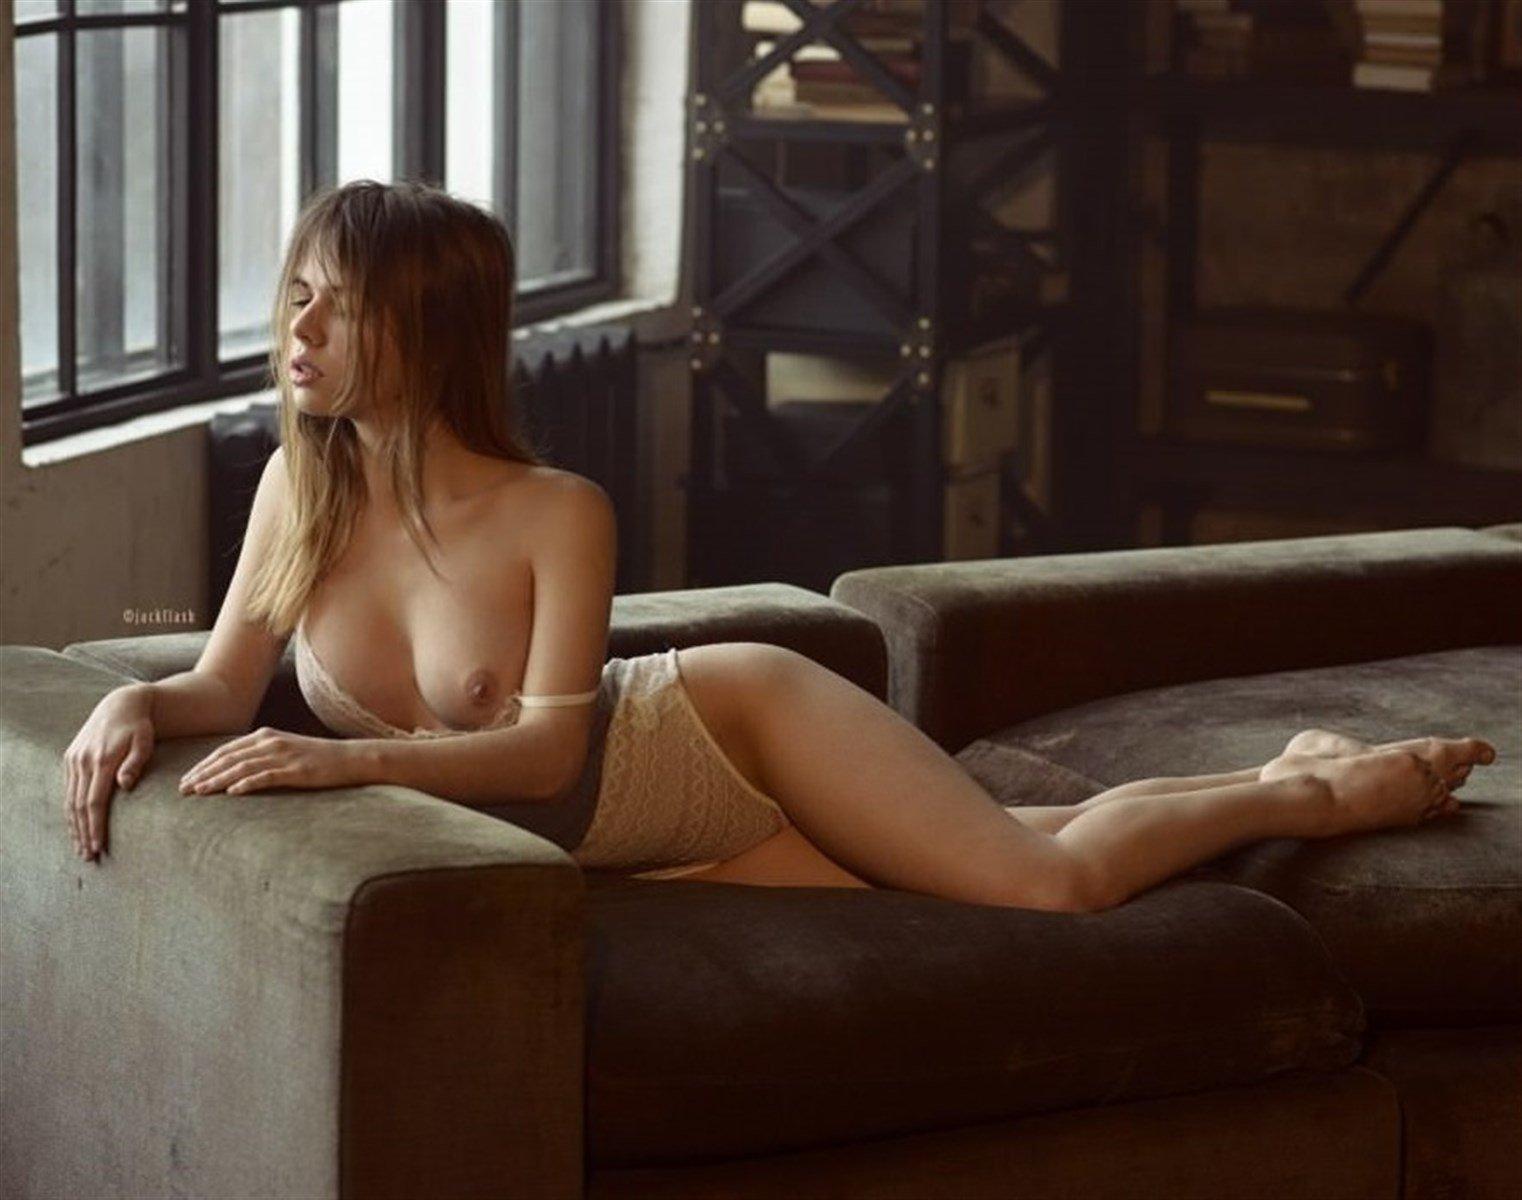 Alexandra Smelova Nude Photos Collection